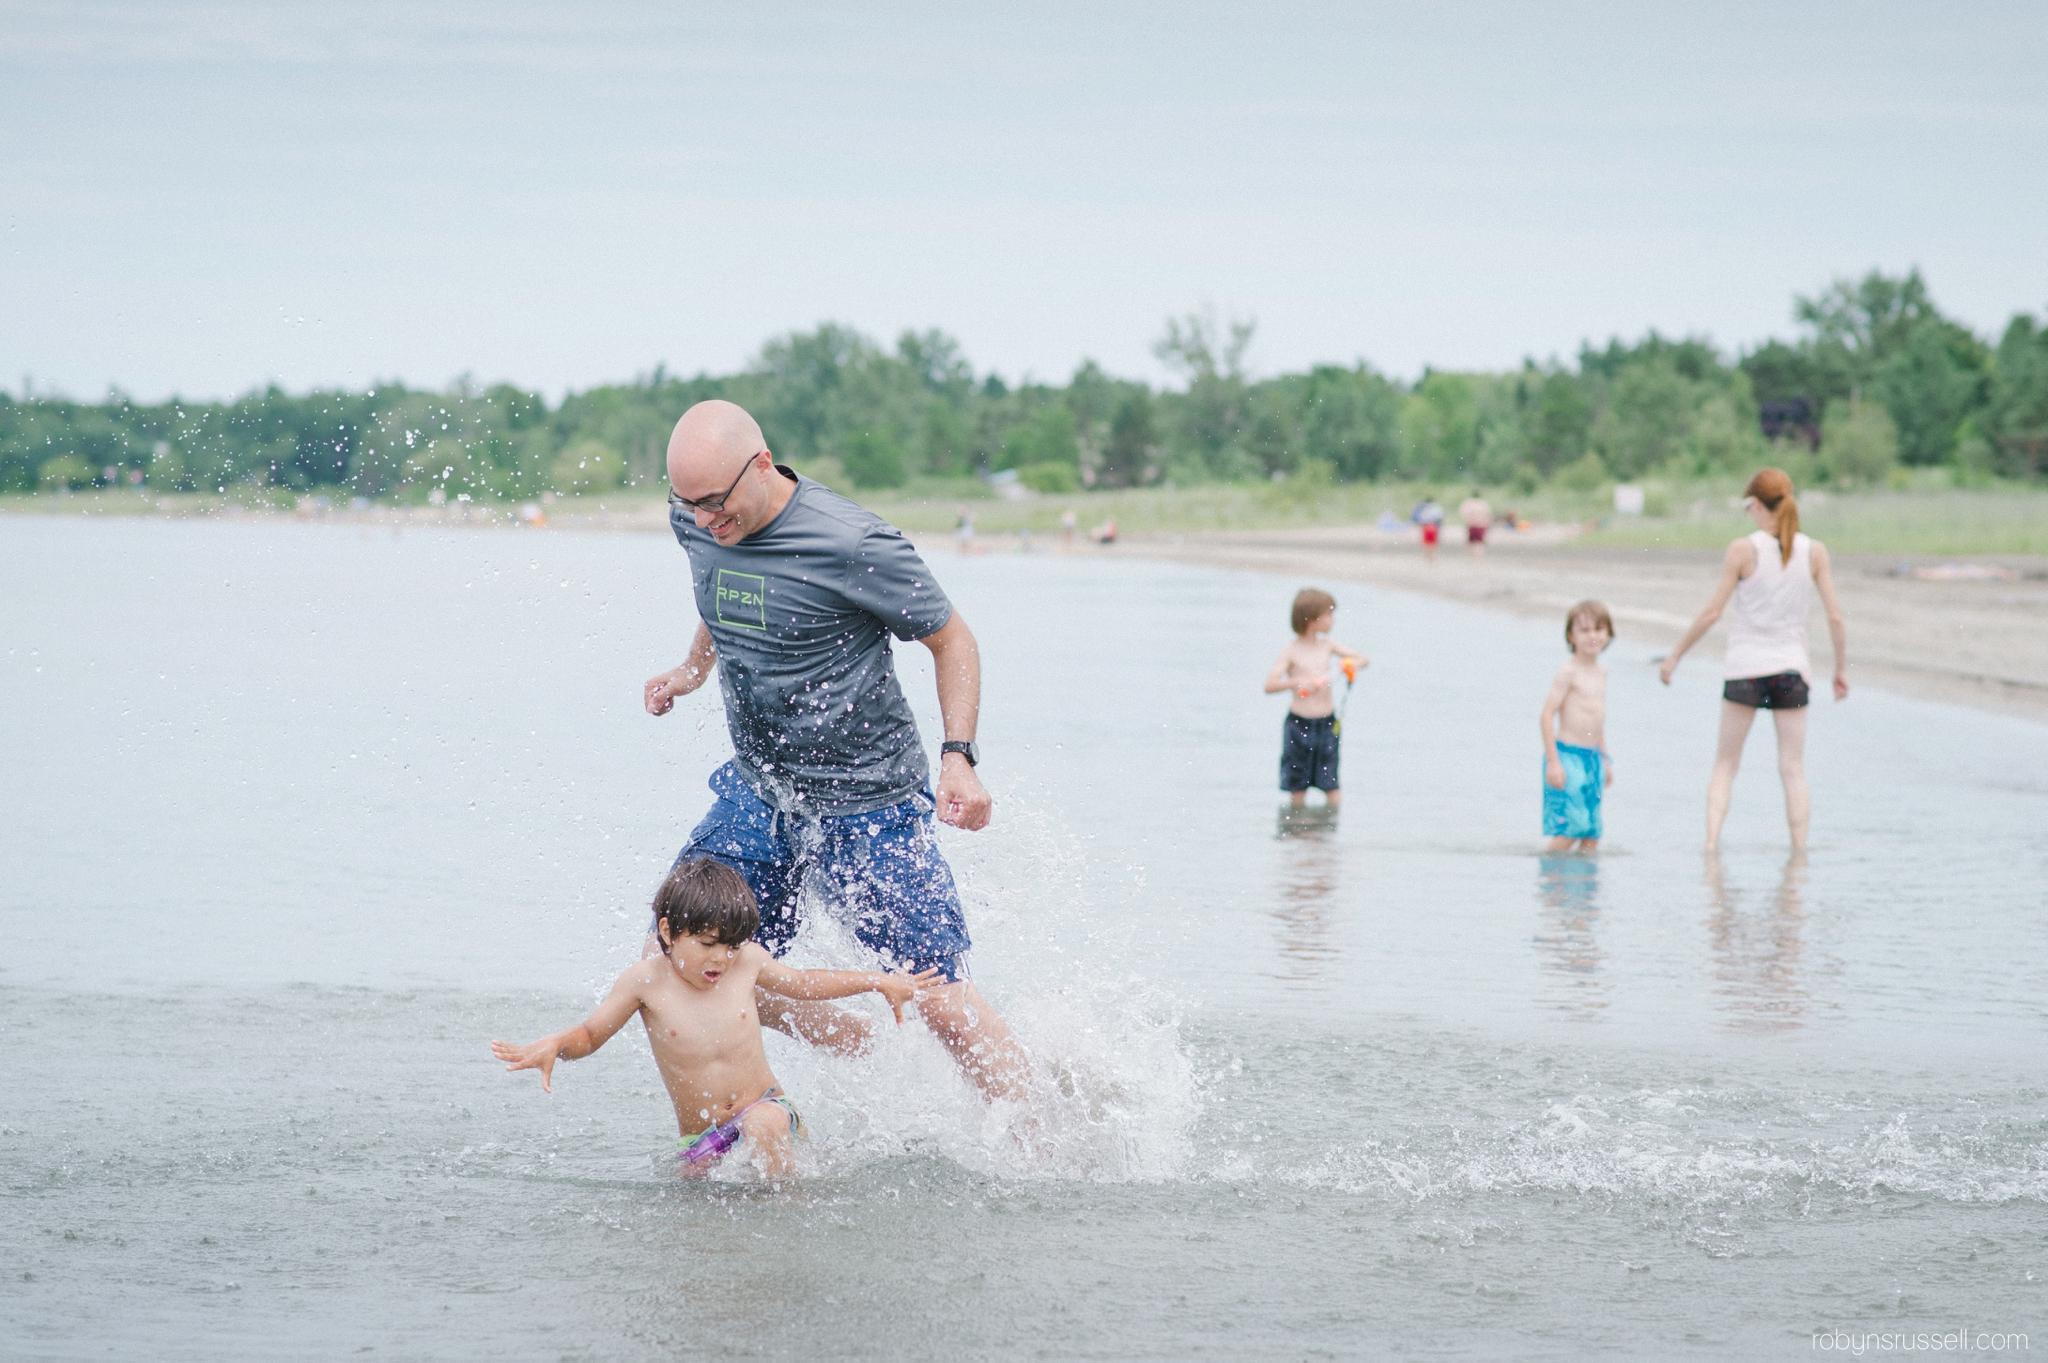 05-dad-chasing-kids-in-water-collingwood.jpg